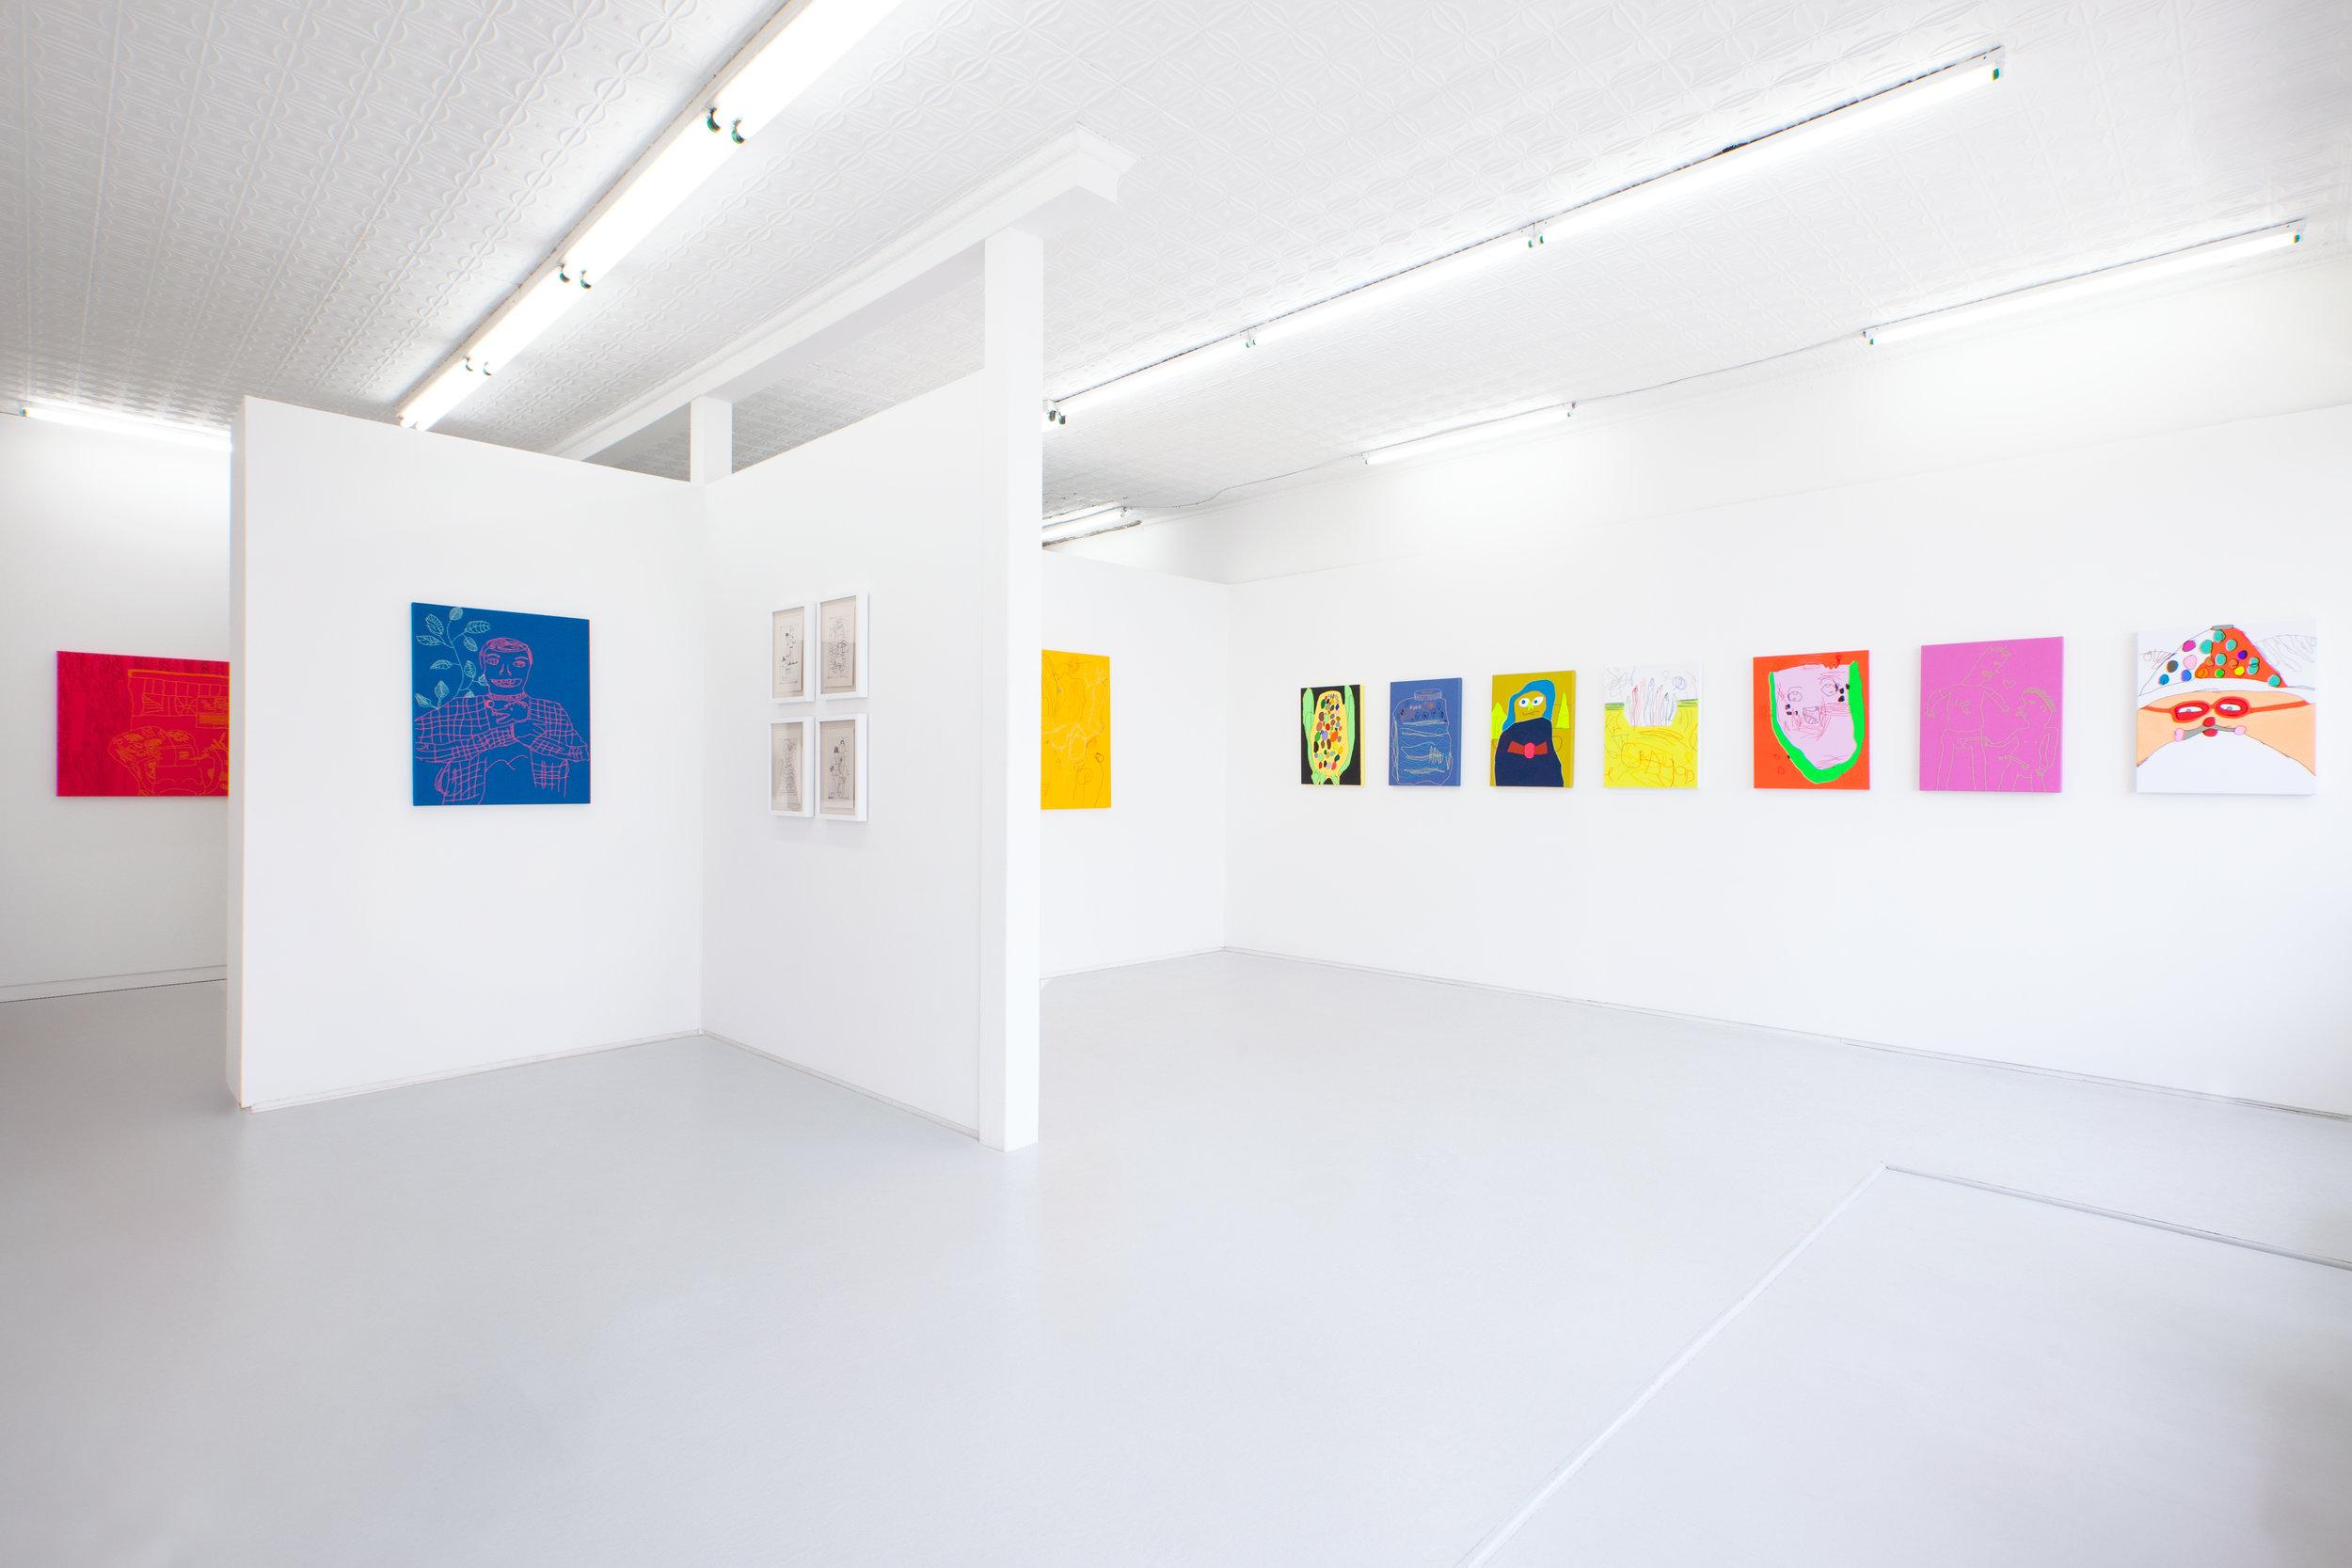 Caroline_Wells_Chandler-Tutti_Frutti_installation_view_22.jpg